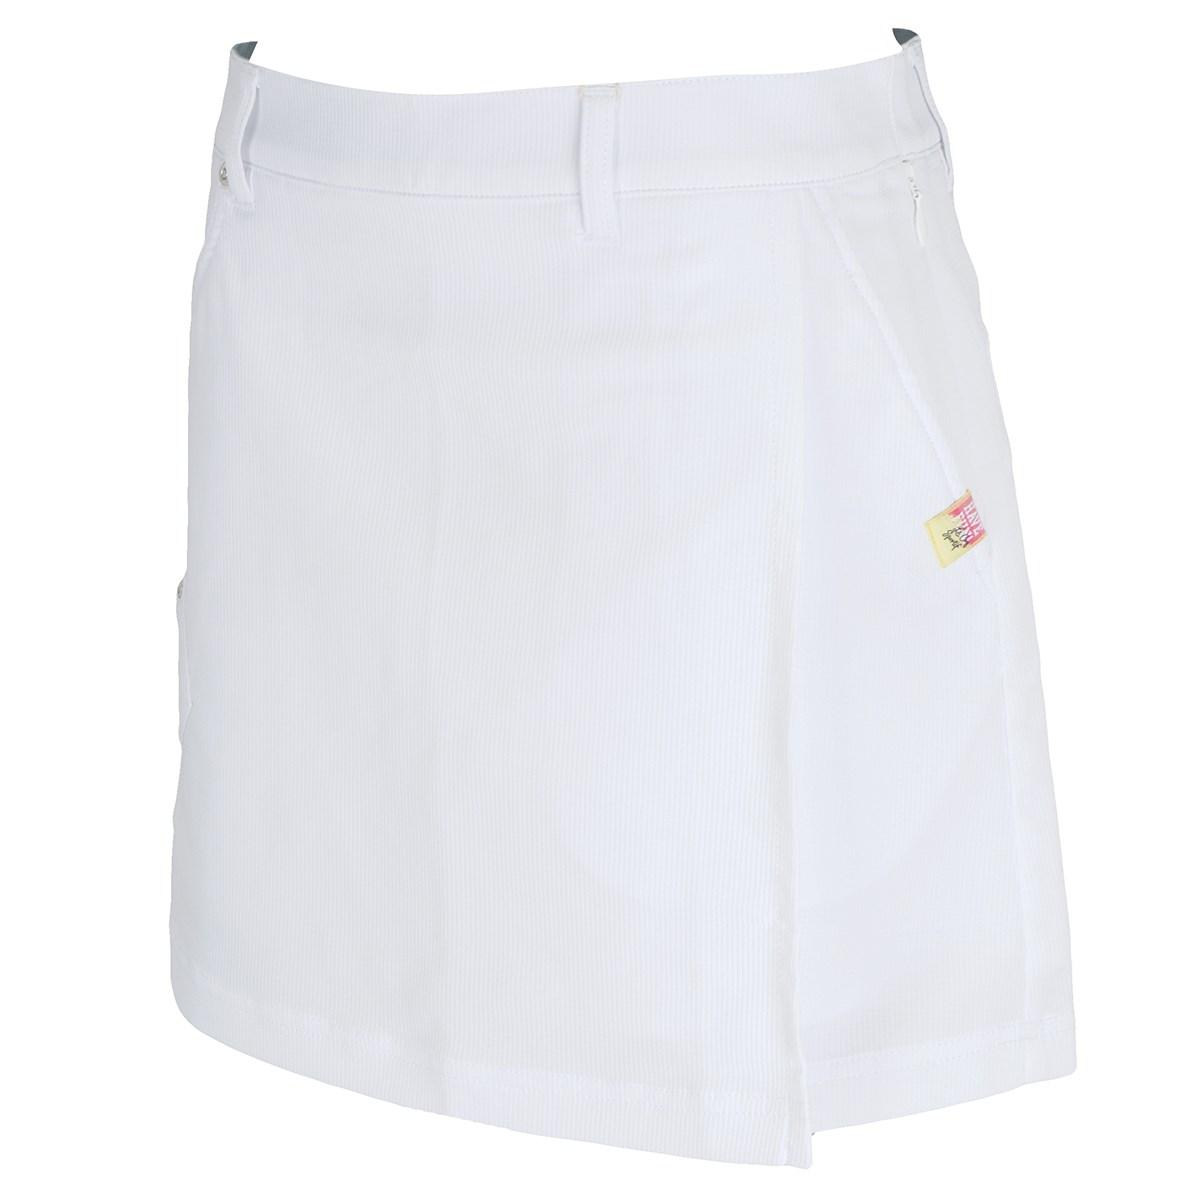 ルコックゴルフ Le coq sportif GOLF ストレッチワッフル 巻きスカート風スカート 9 ホワイト 00 レディス